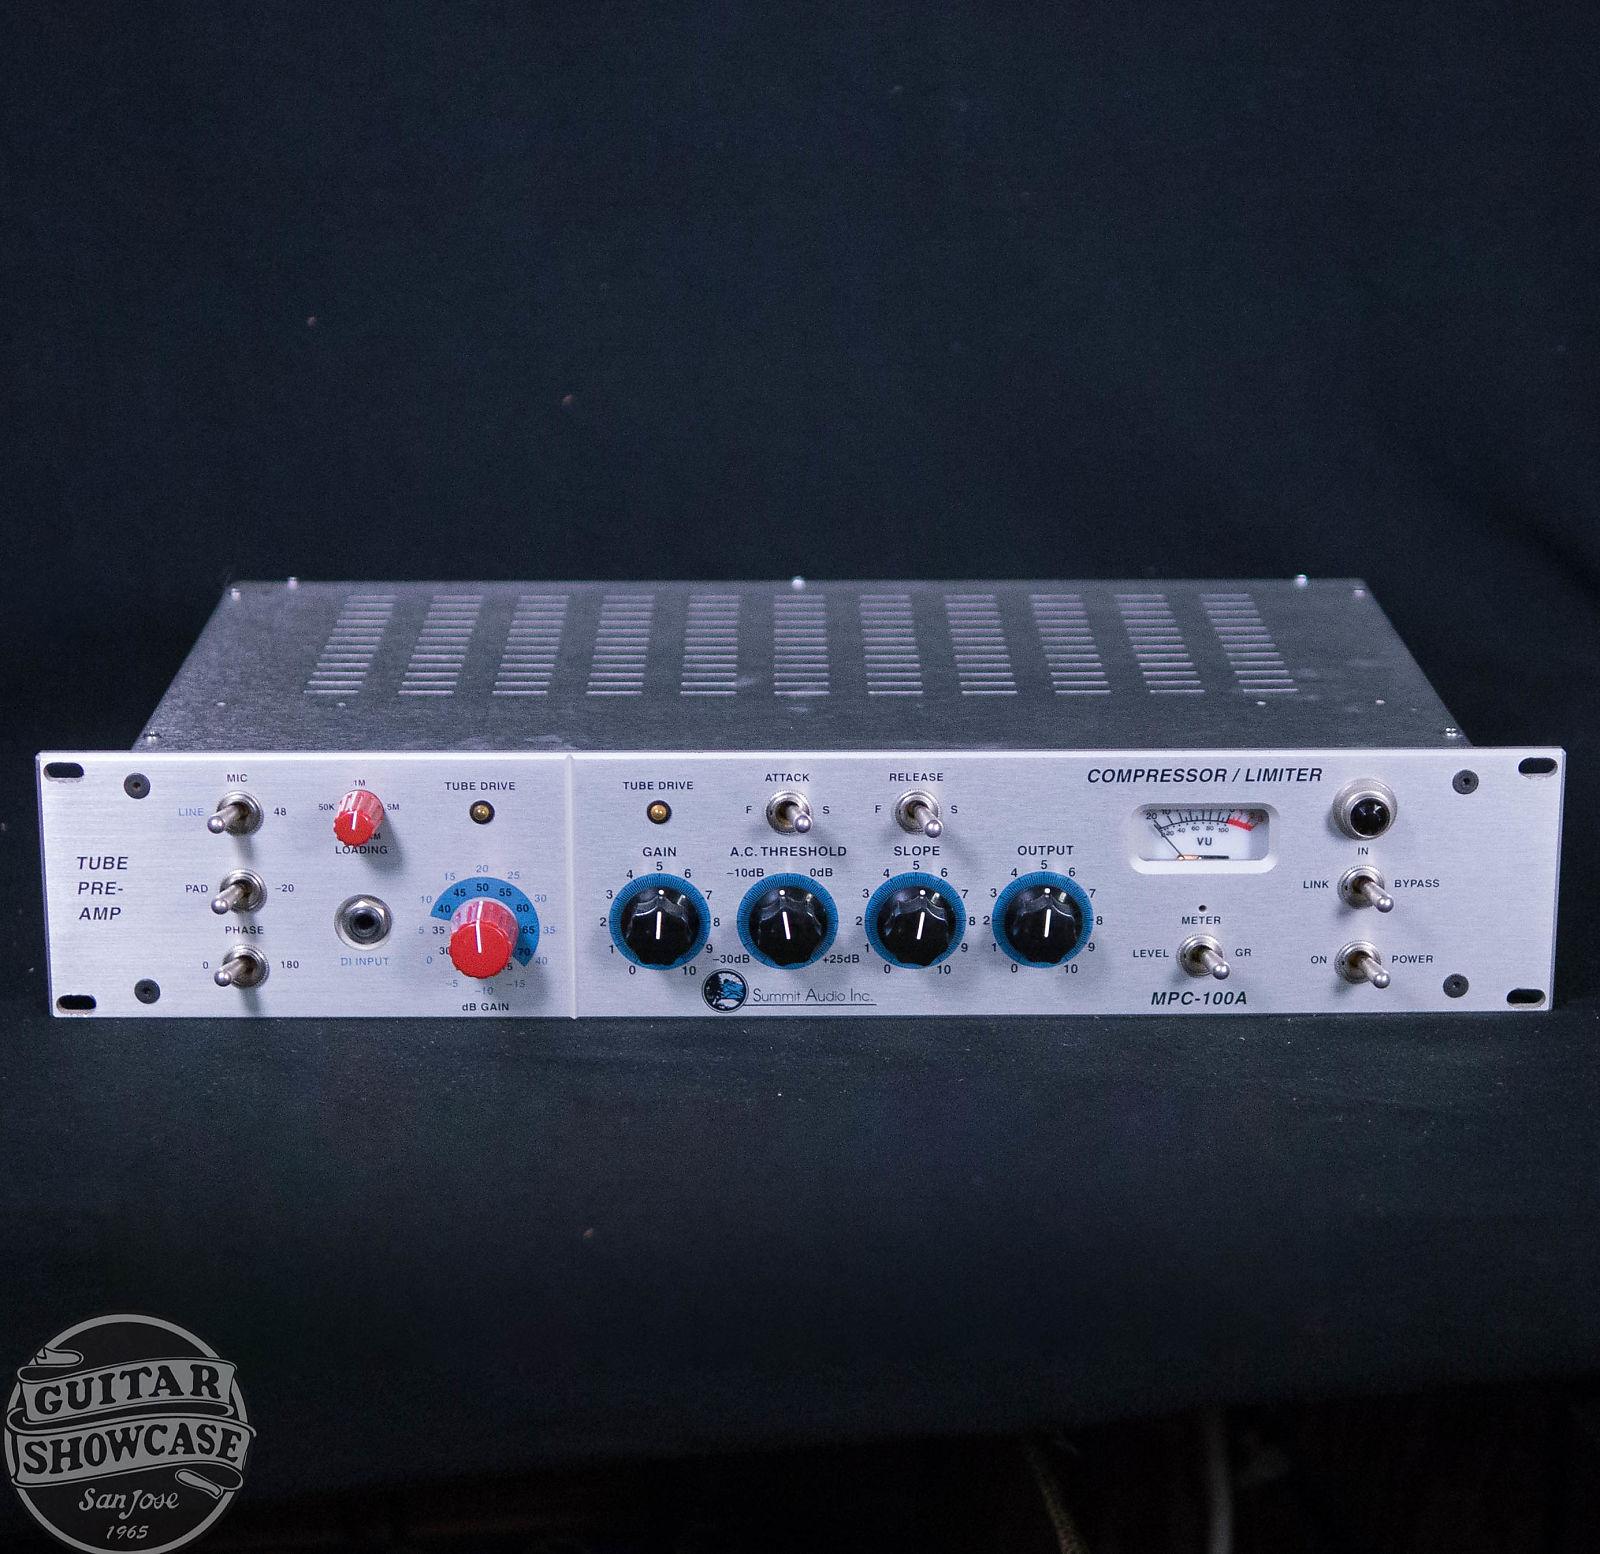 Summit Audio MPC-100A Tube Preamp / Compressor / Limiter